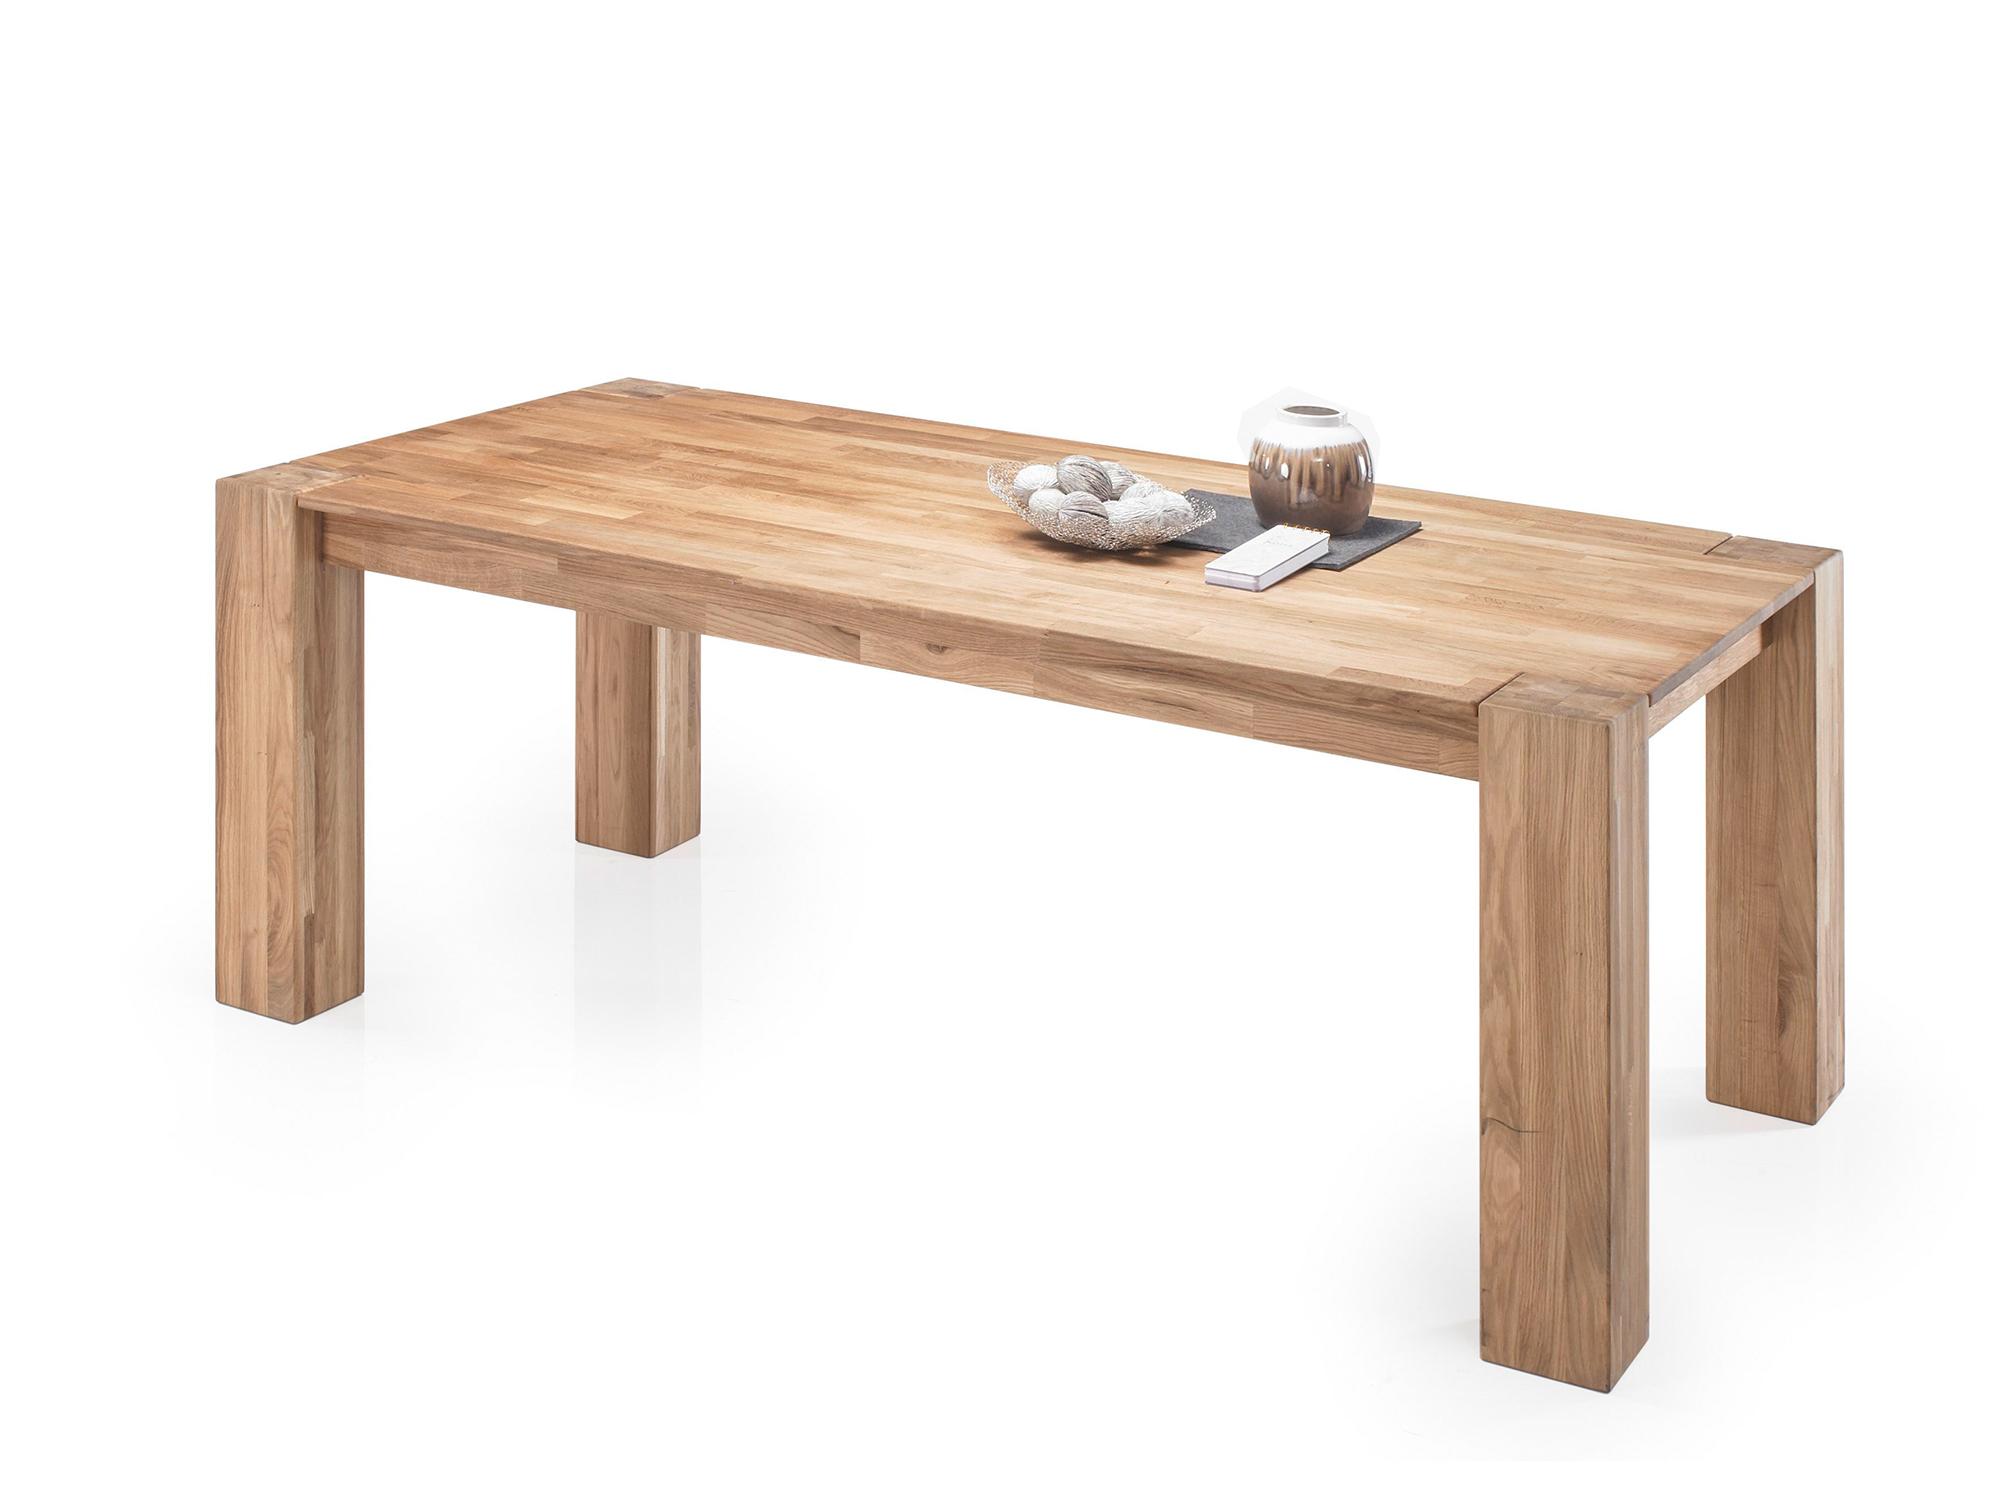 willow esstisch 200x100 cm eiche ge lt. Black Bedroom Furniture Sets. Home Design Ideas